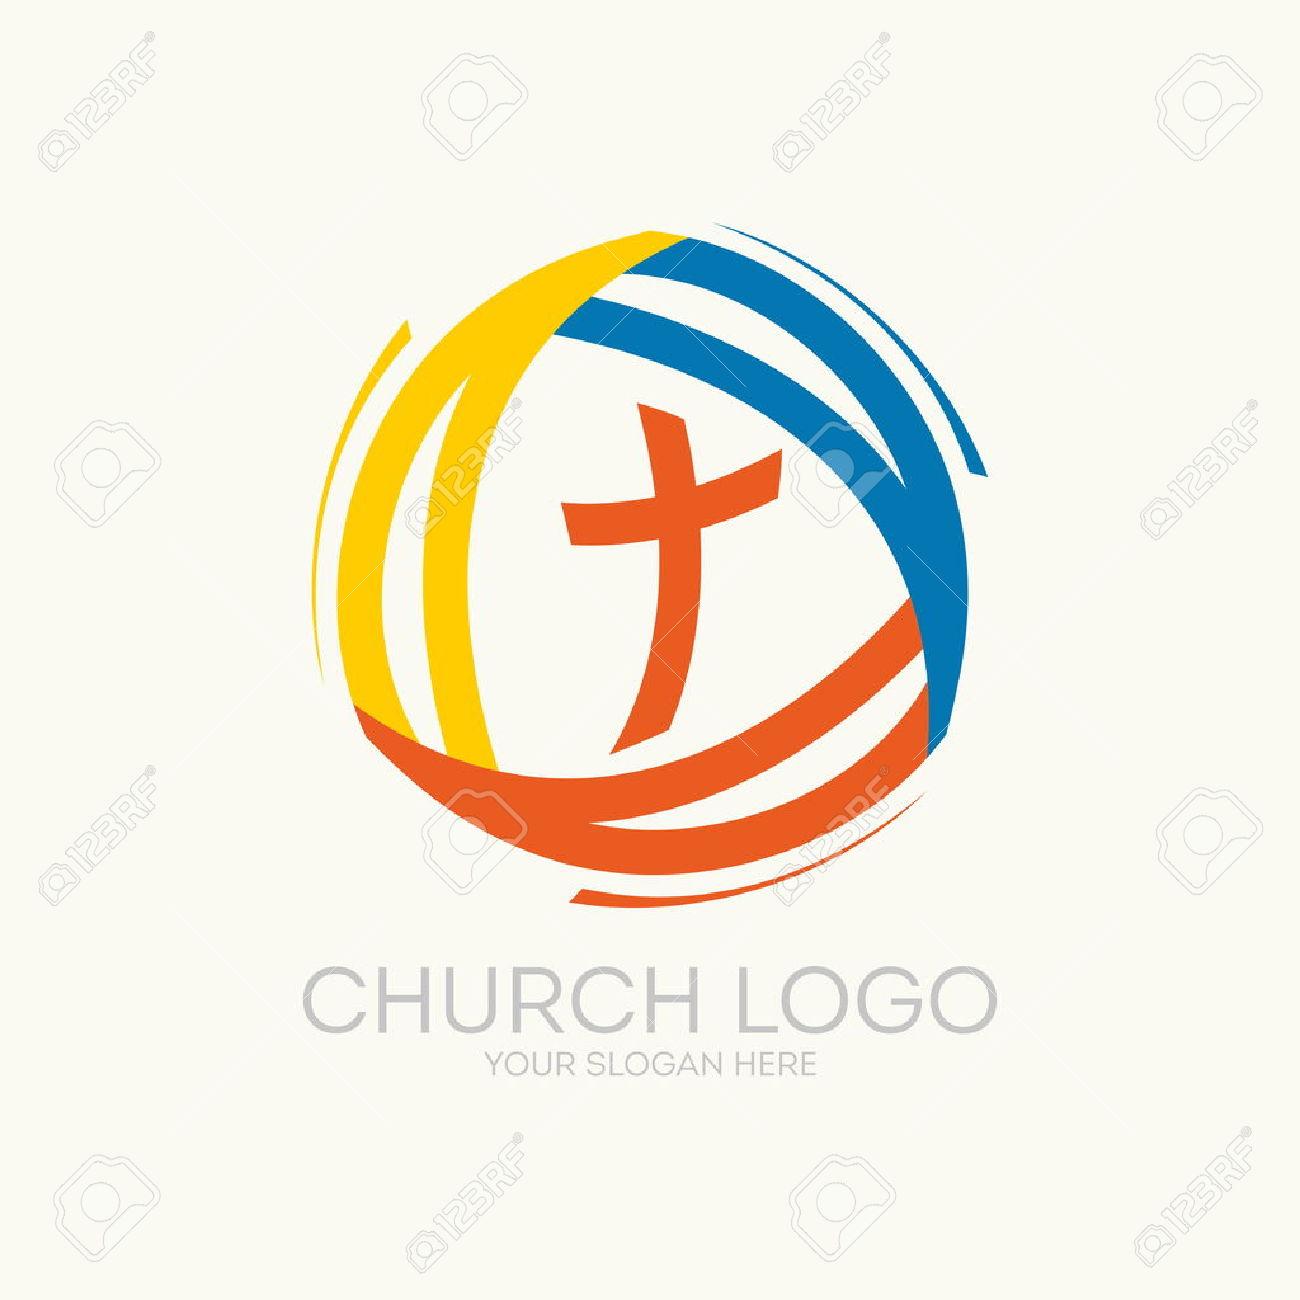 Logo Della Chiesa. Trinità Clipart Royalty.